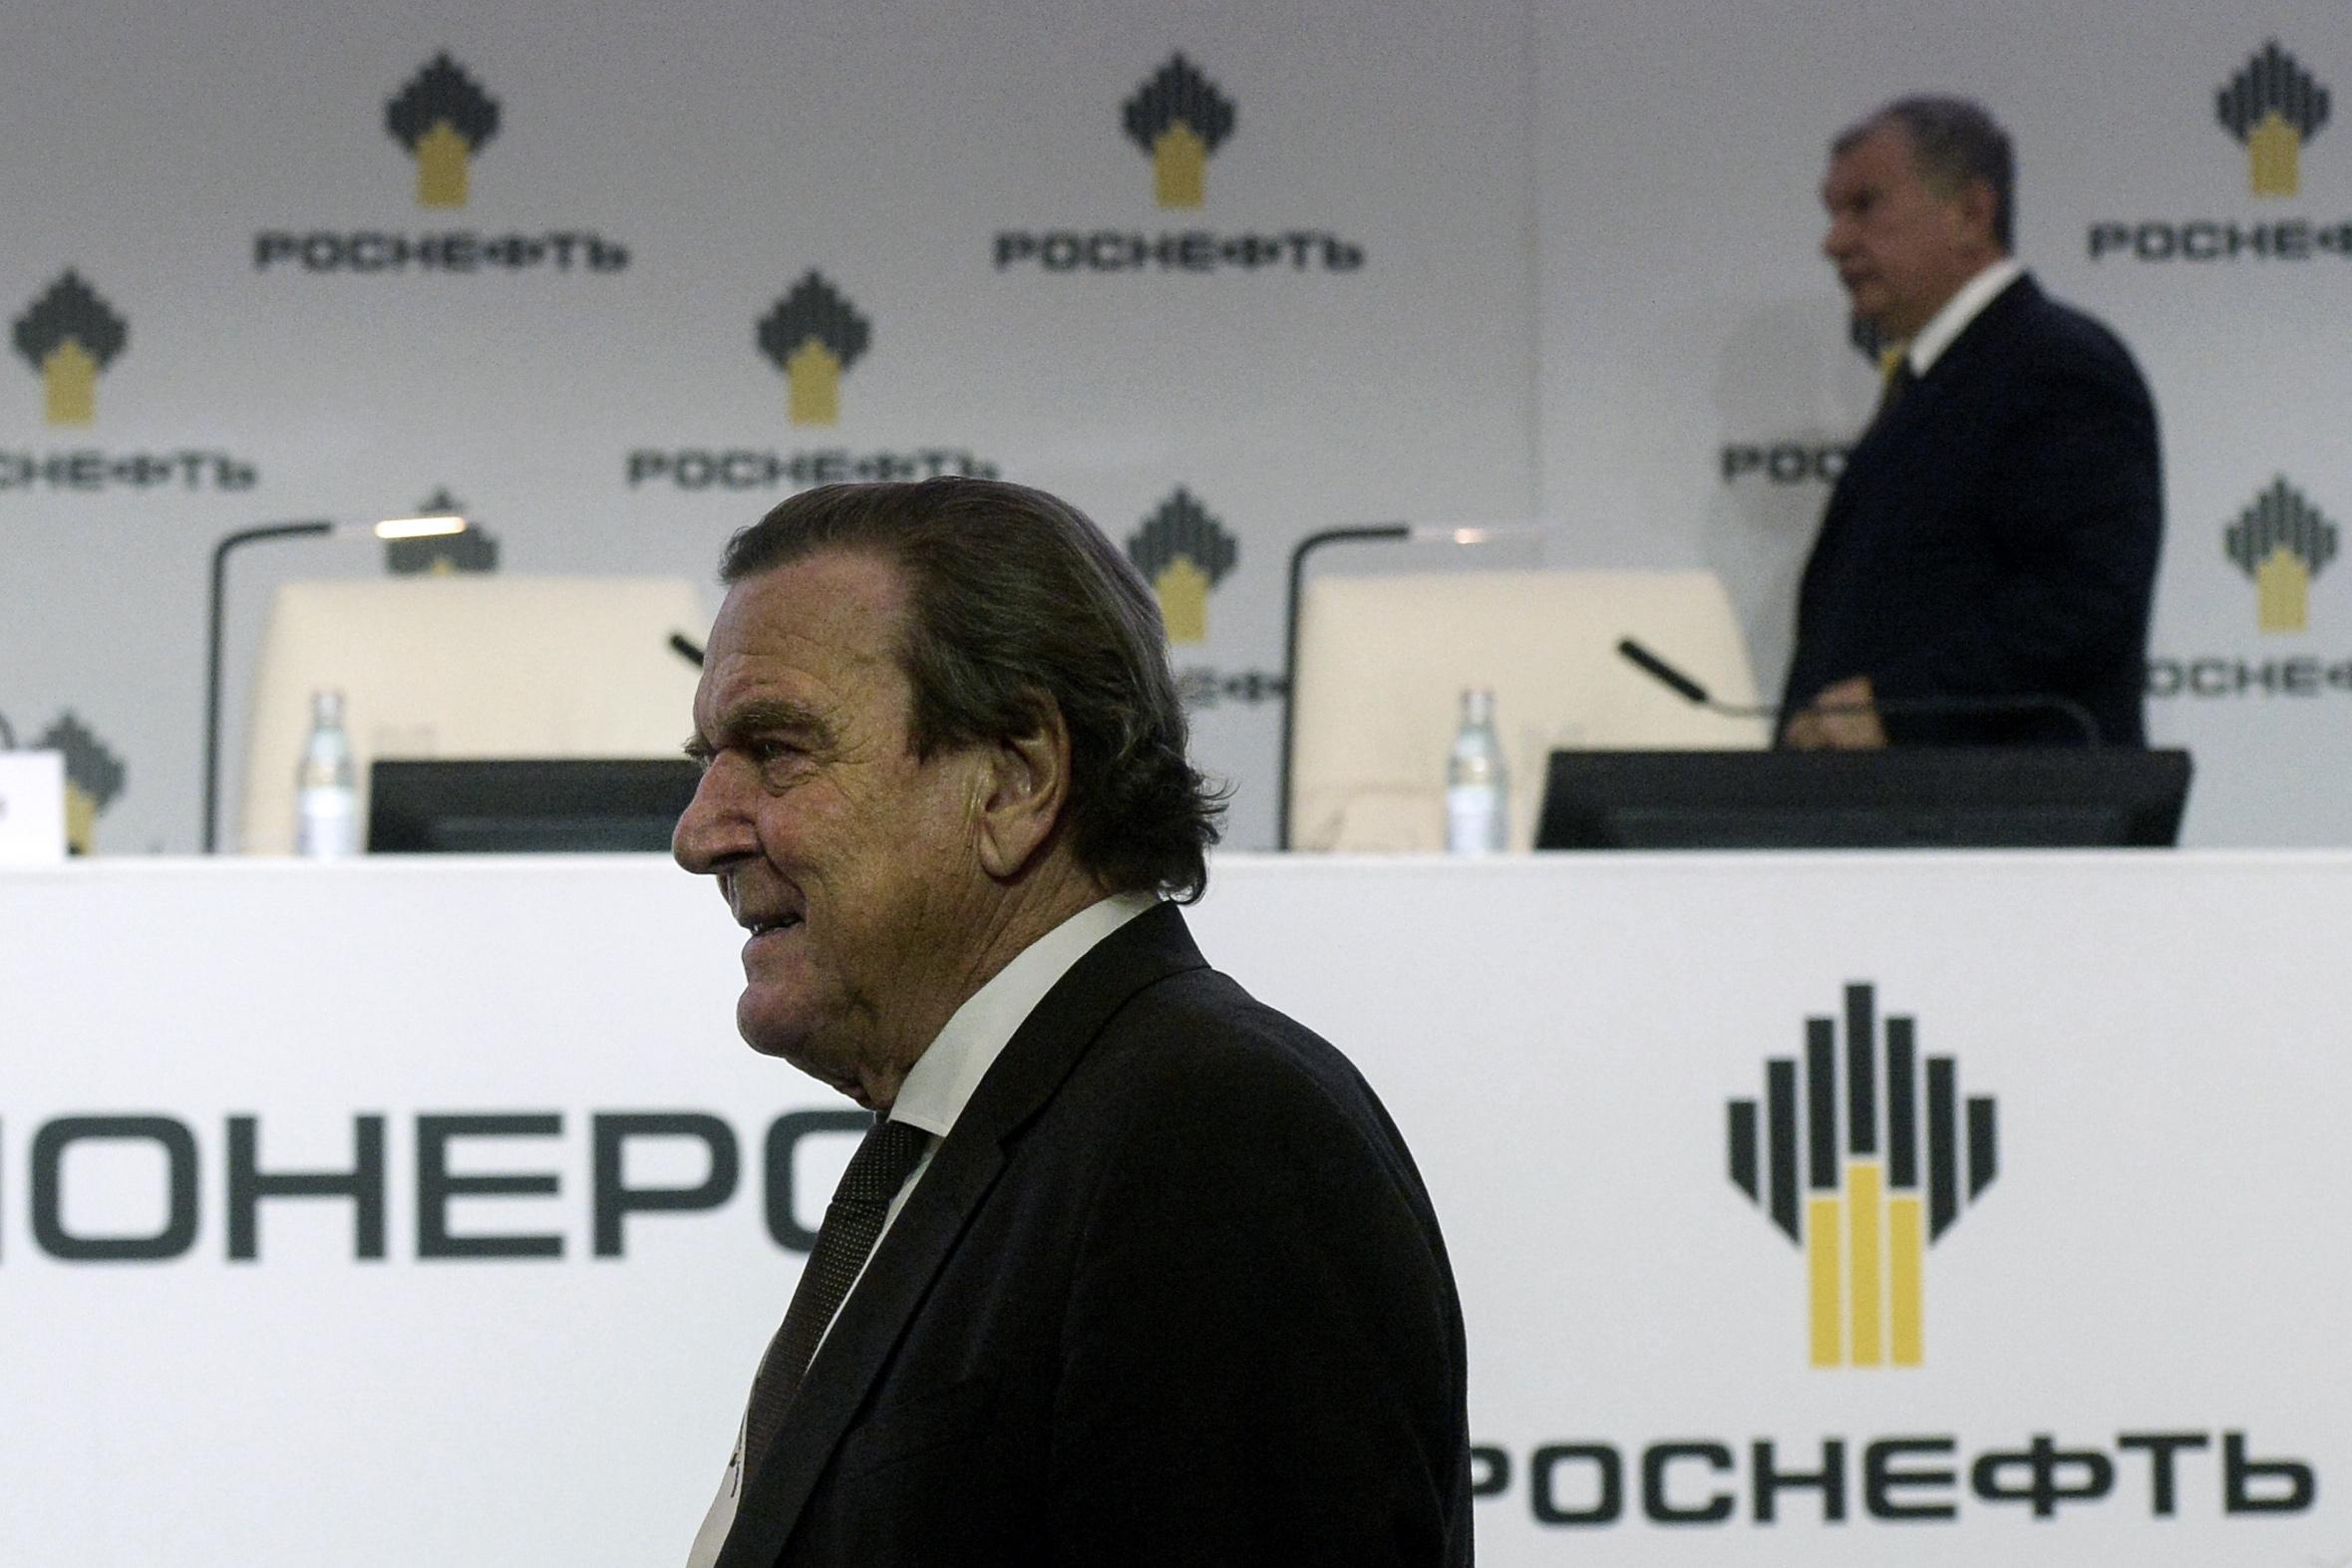 Gerhard Schröder lett a Rosznyefty igazgatótanácsának elnöke